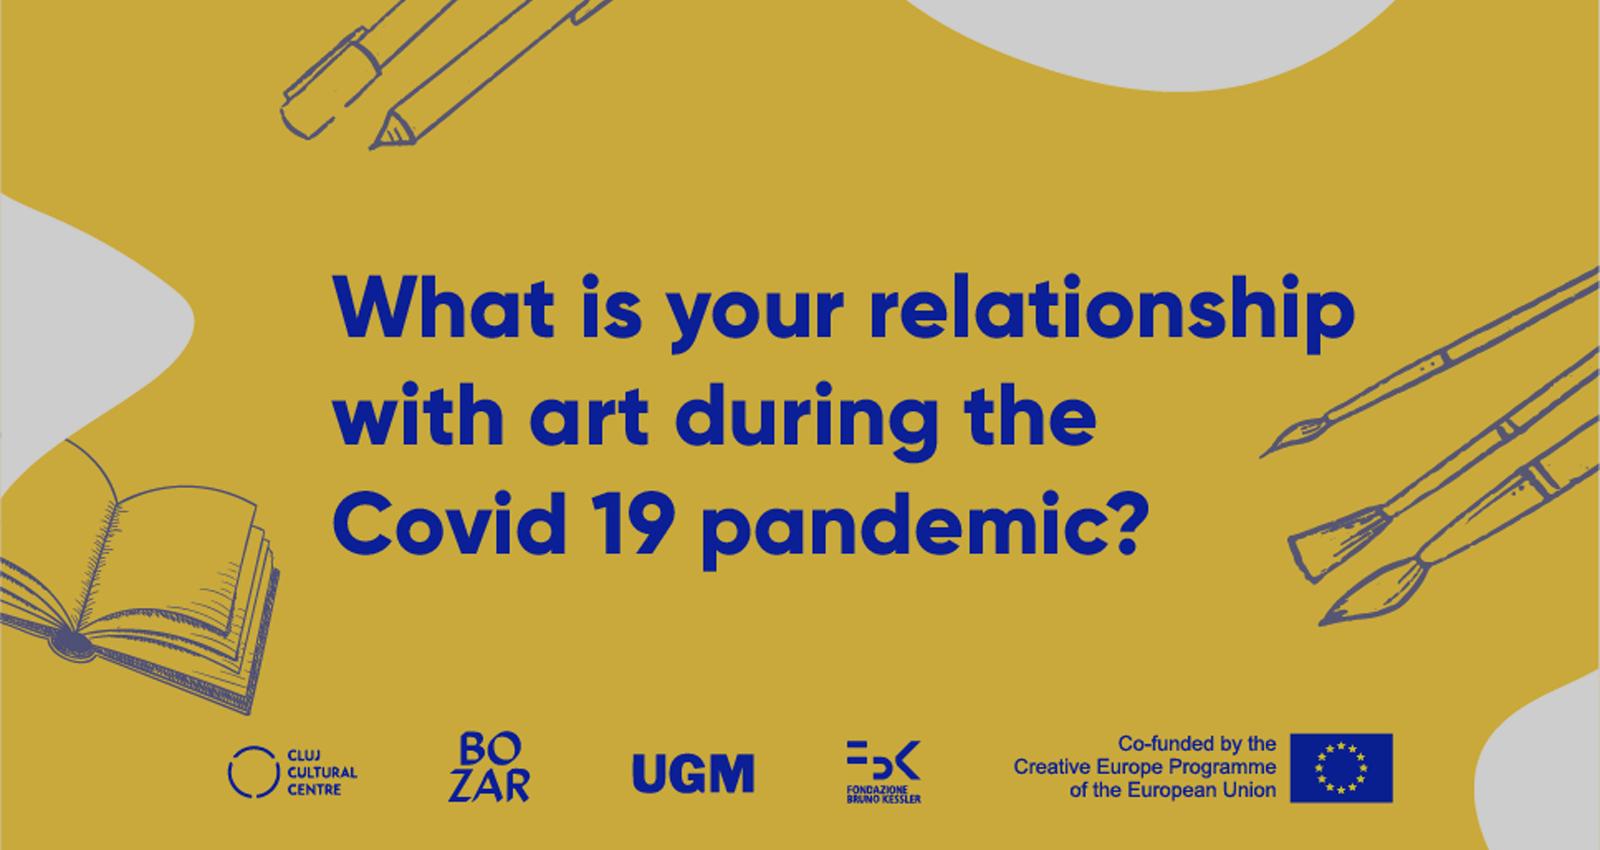 Consumul cultural și bunăstarea psihologică pe perioada pandemiei Covid 19